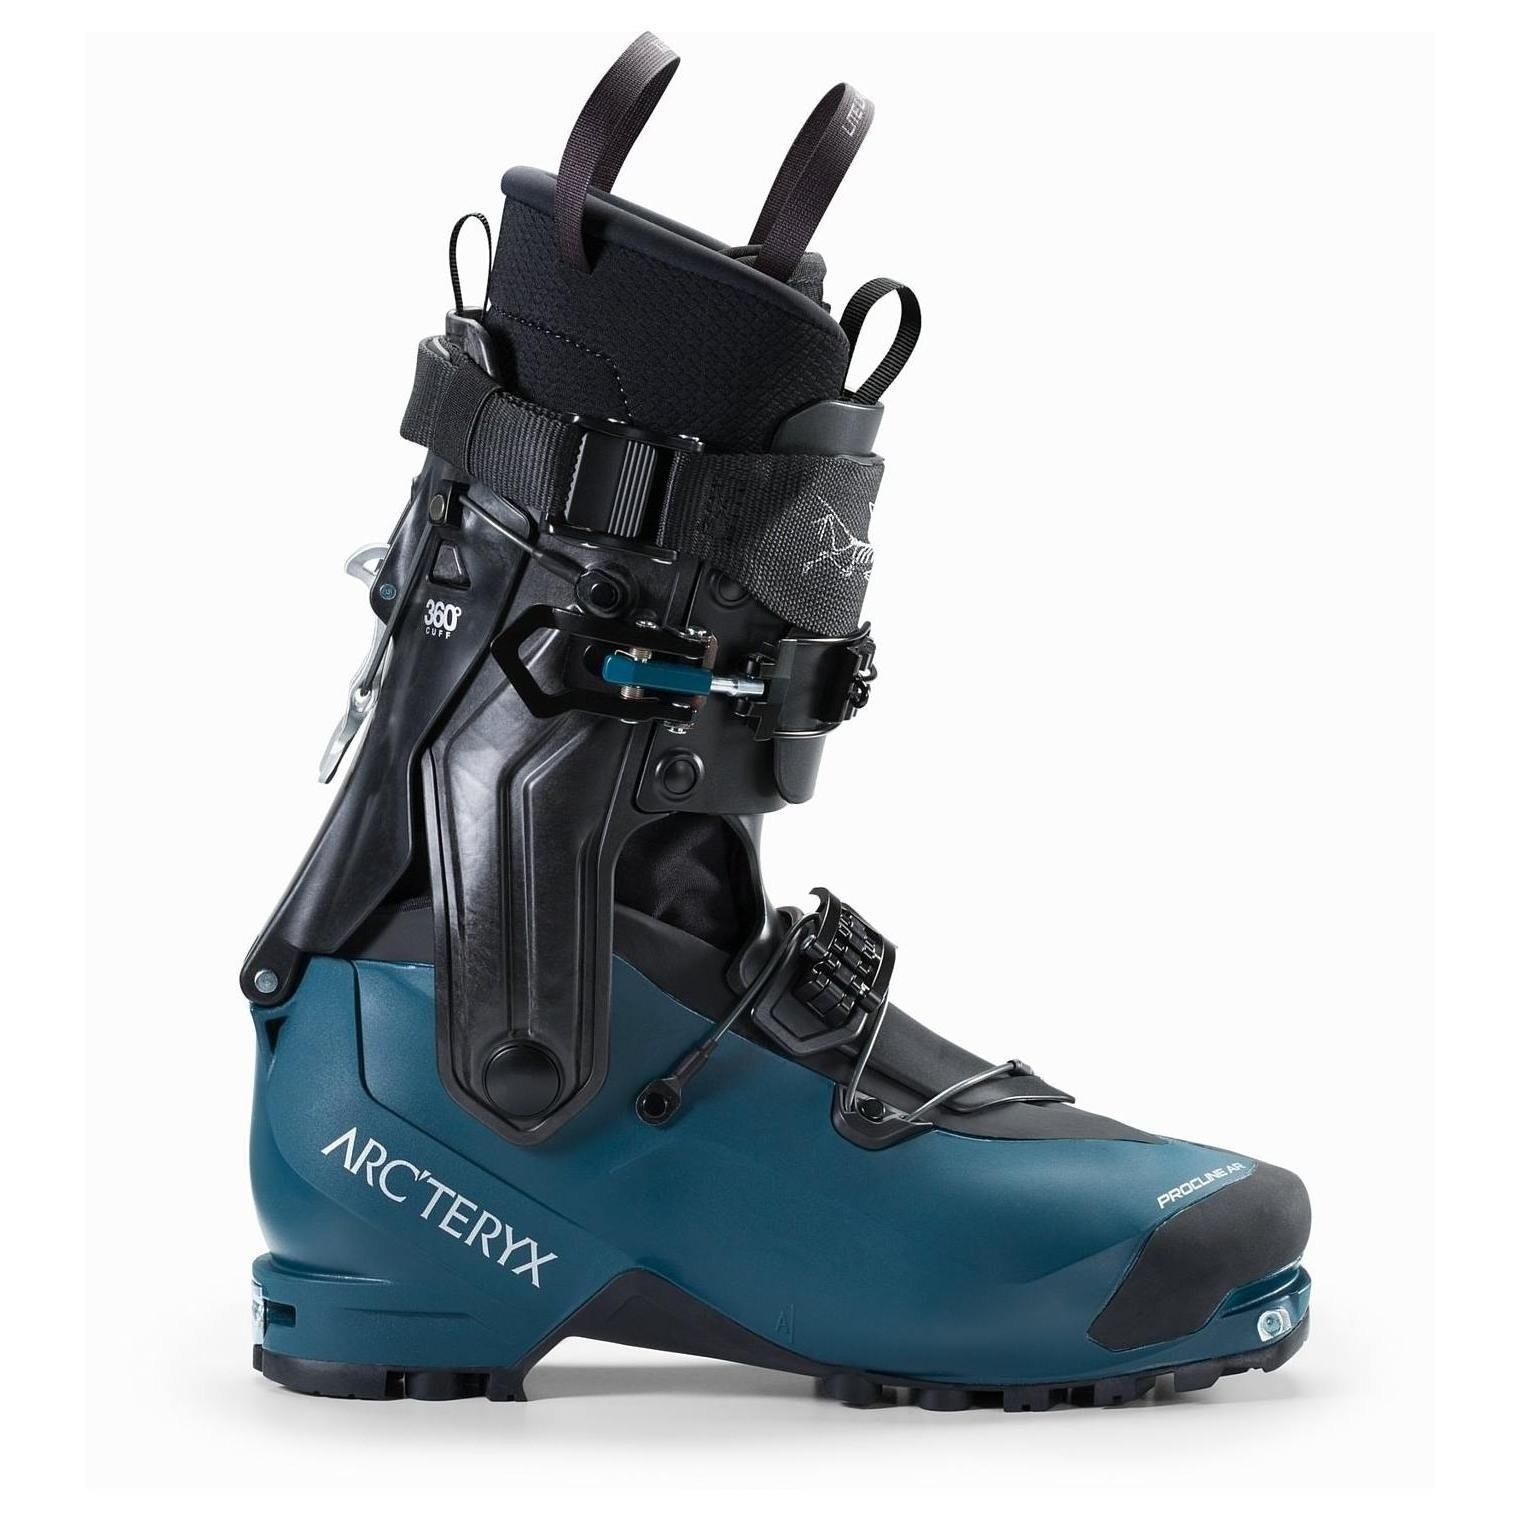 7f6add6d27 Arc'teryx Men's Procline AR Ski Boots on Sale | Powder7.com